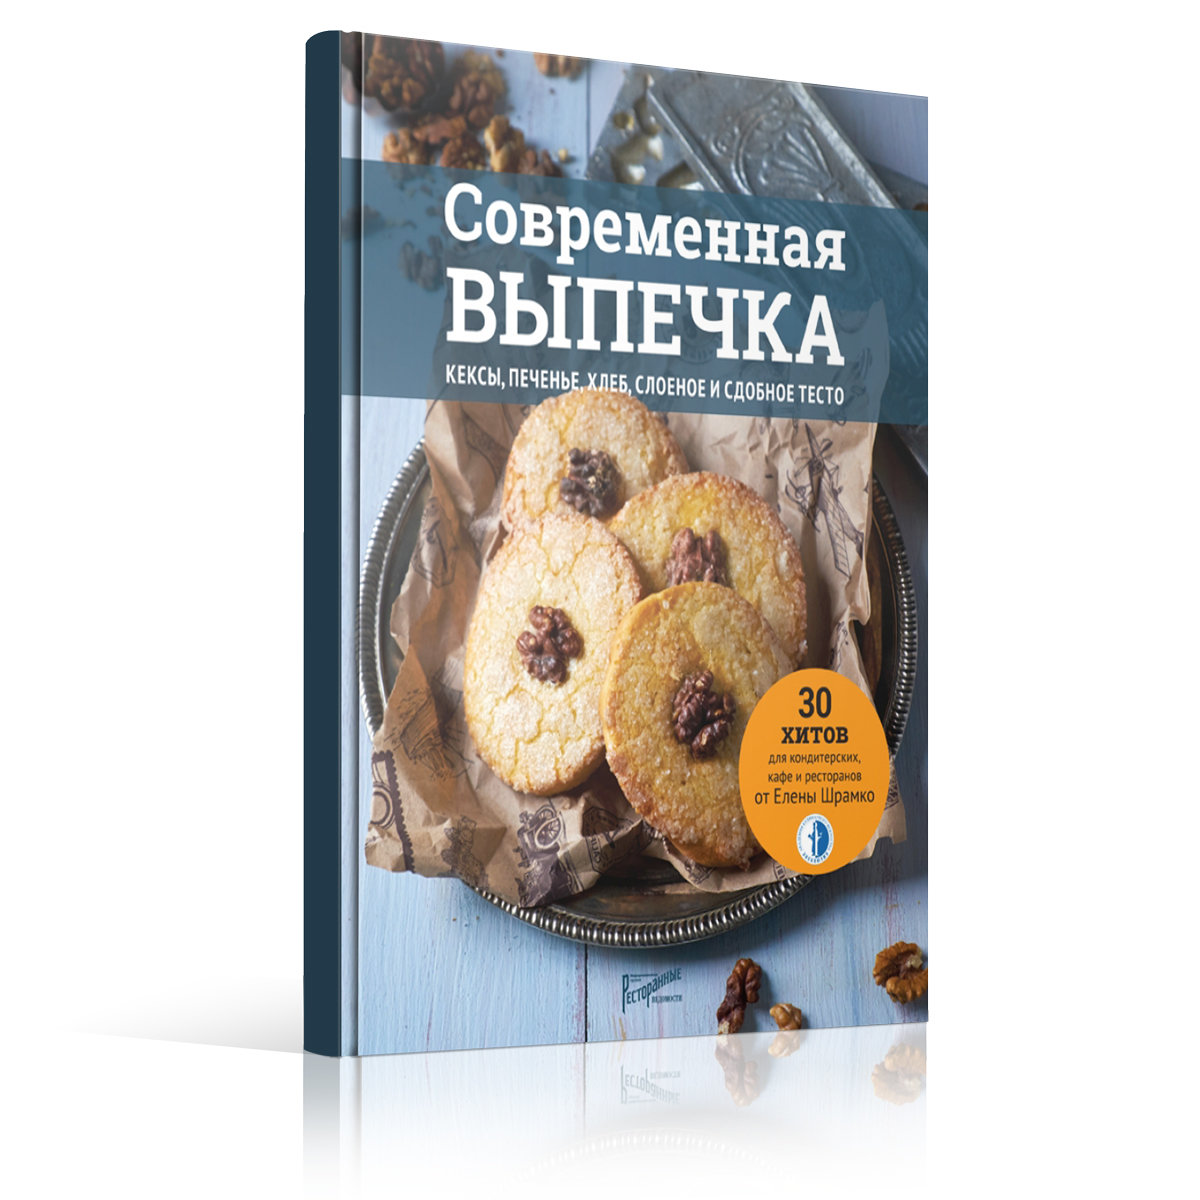 Современная выпечка. Кексы, печенье, хлеб, слоеное сдобное тесто. 30 хитов для кондитерских, кафе и ресторанов от Елены Шрамко